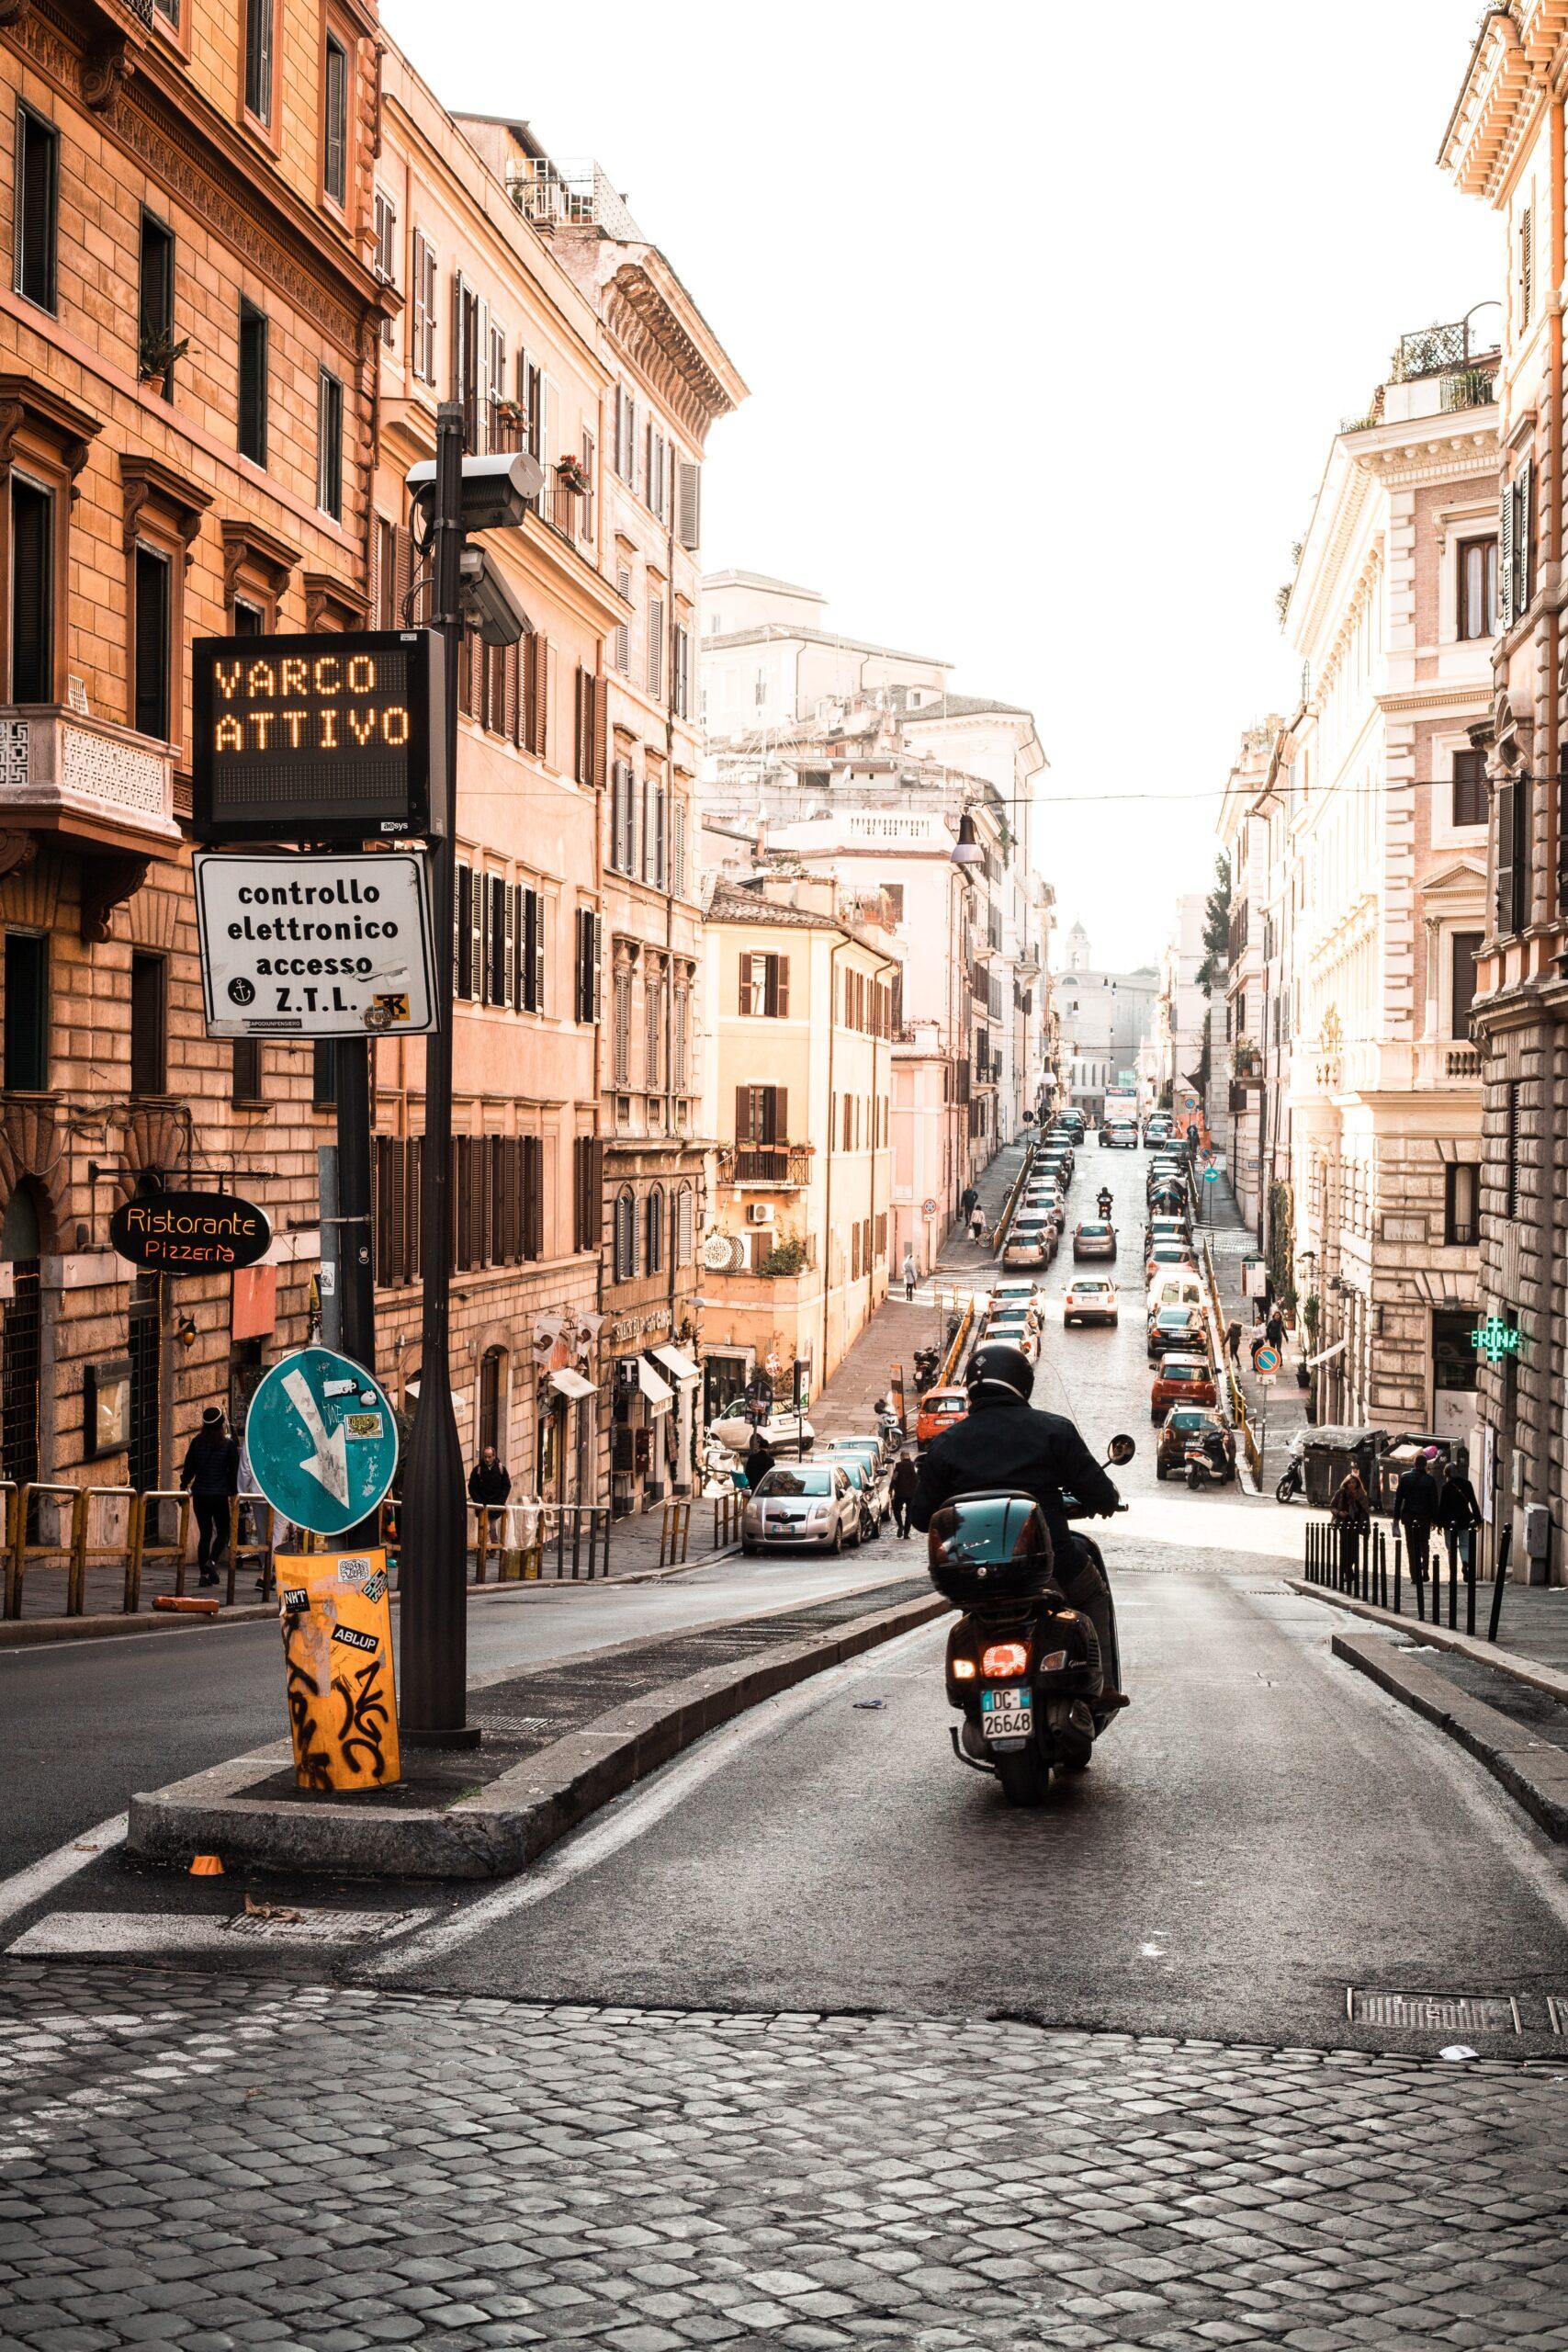 """motociclista a Roma entra in centro grazie al """"varco non attivo"""""""